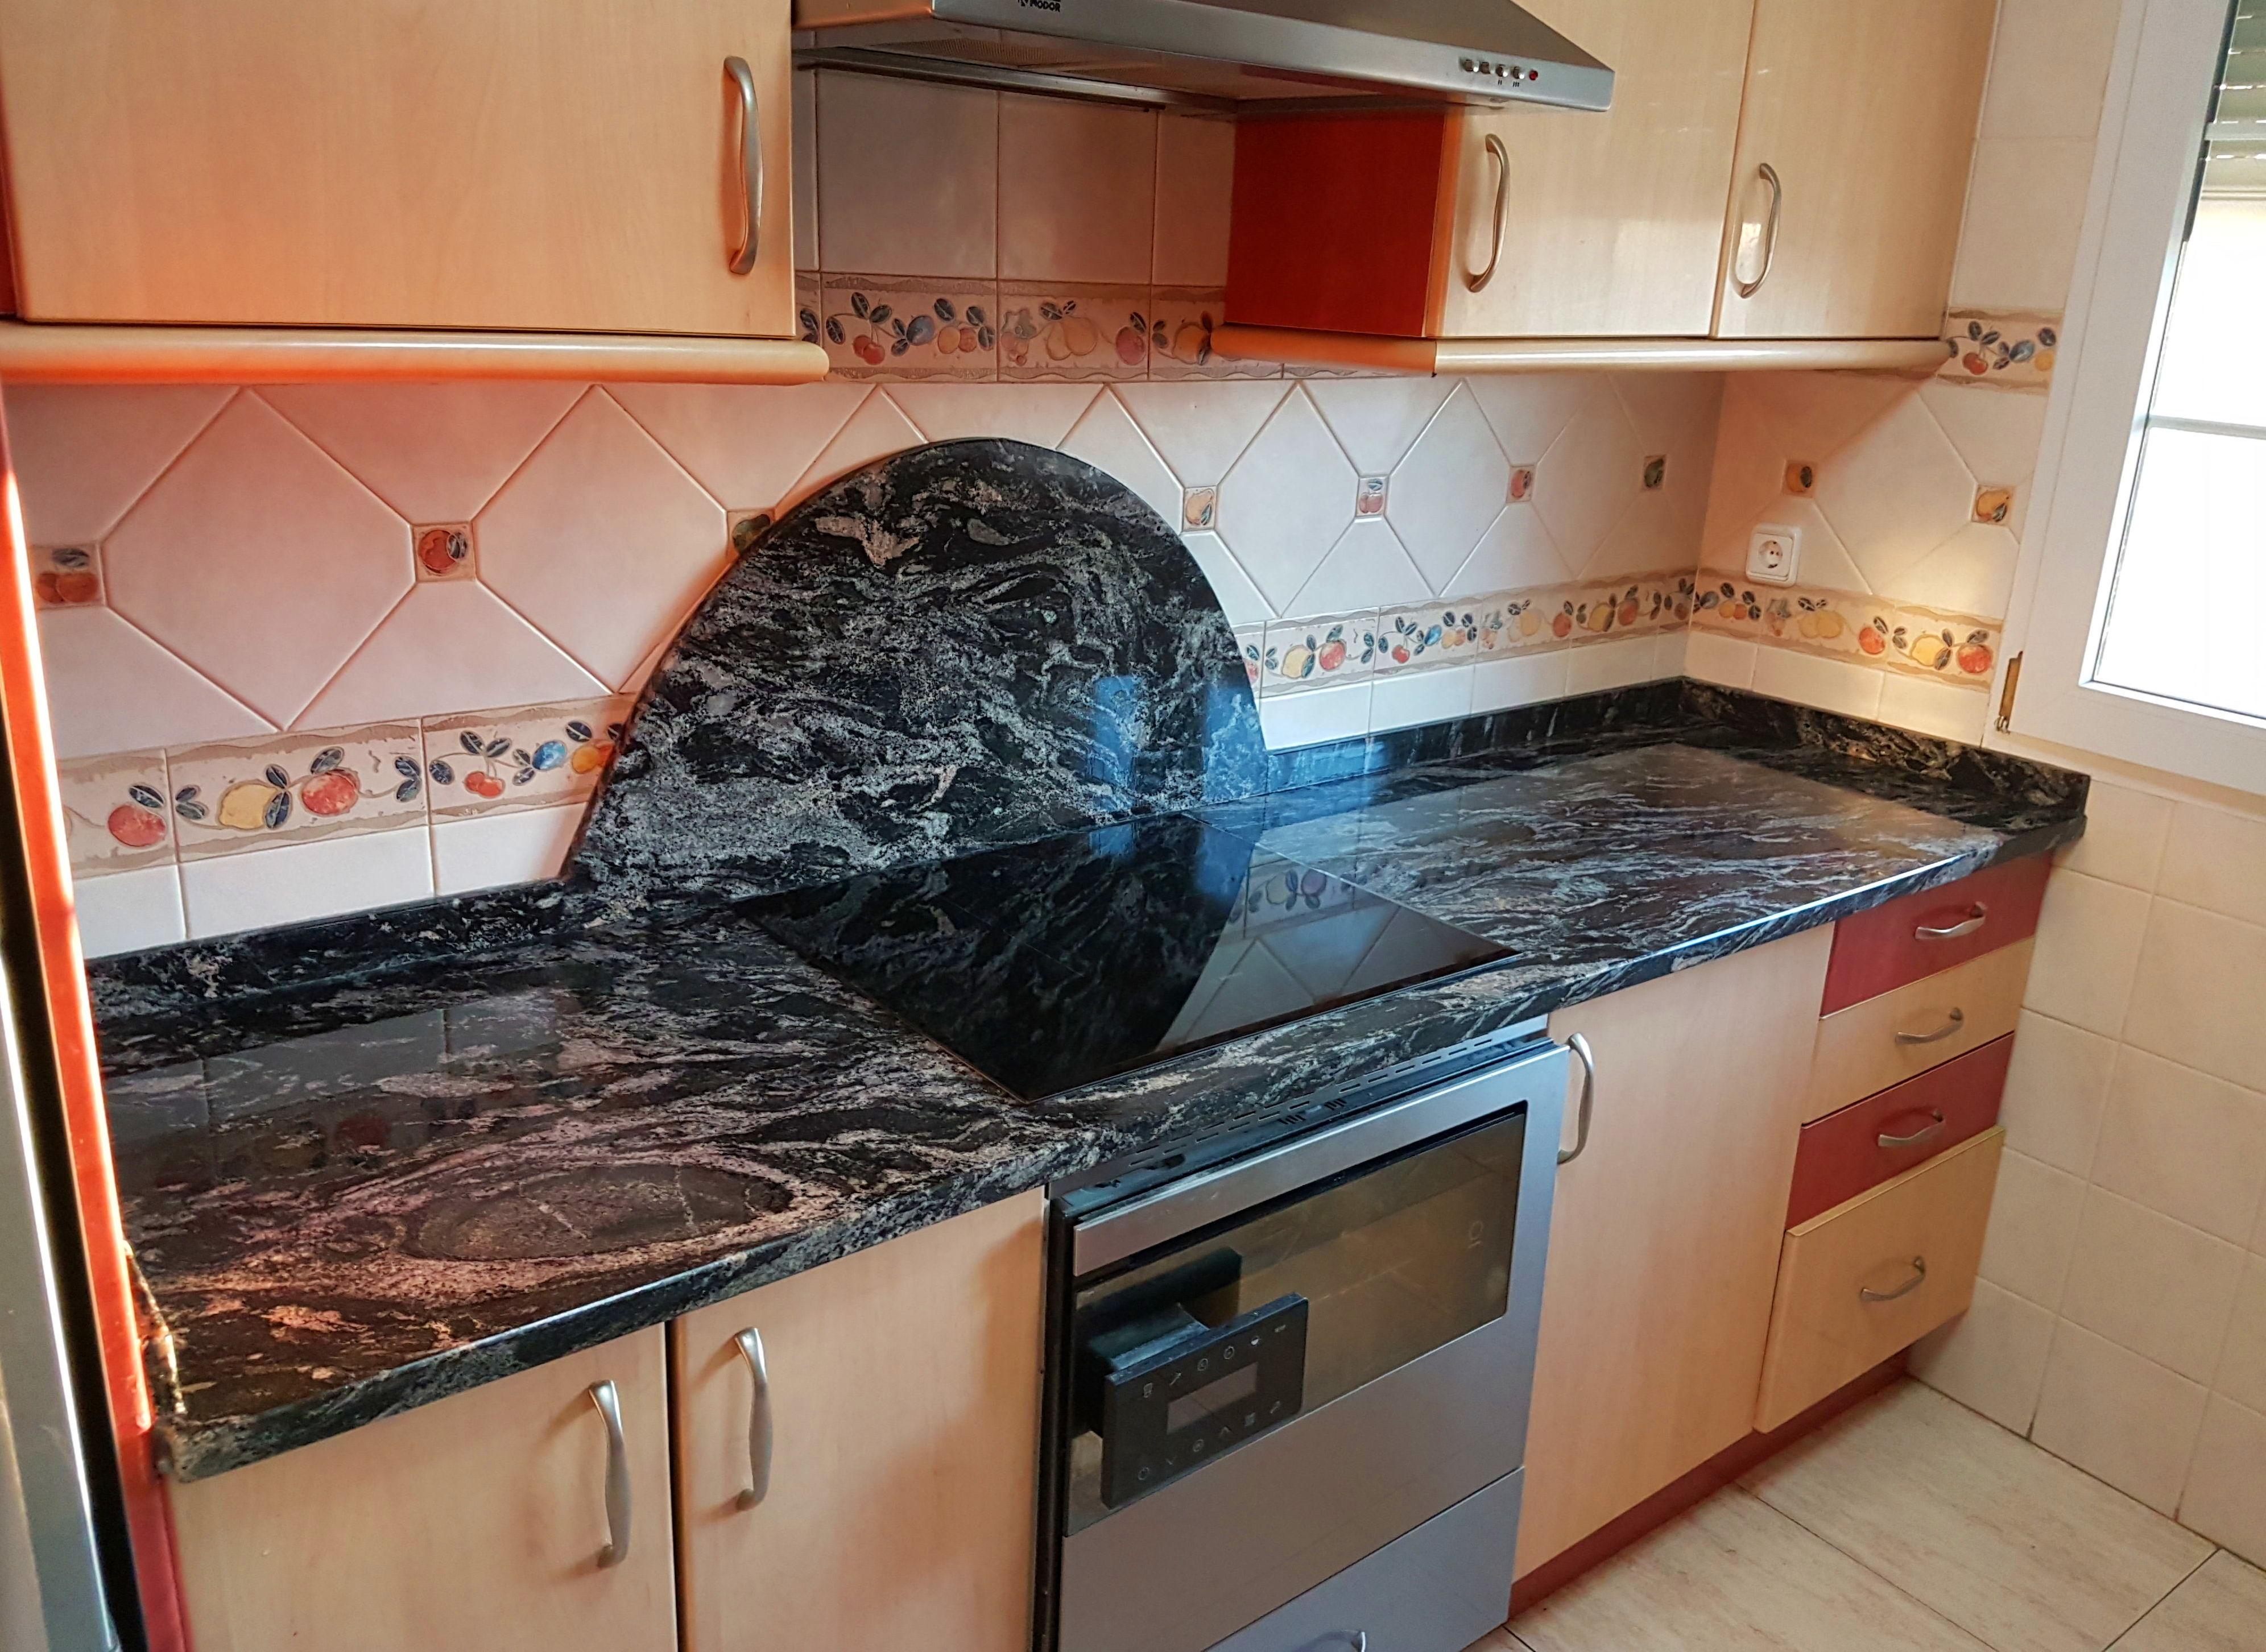 Foto 20 de Encimeras de baño y cocina en San Fernando de Henares | AG Estilo y Diseño